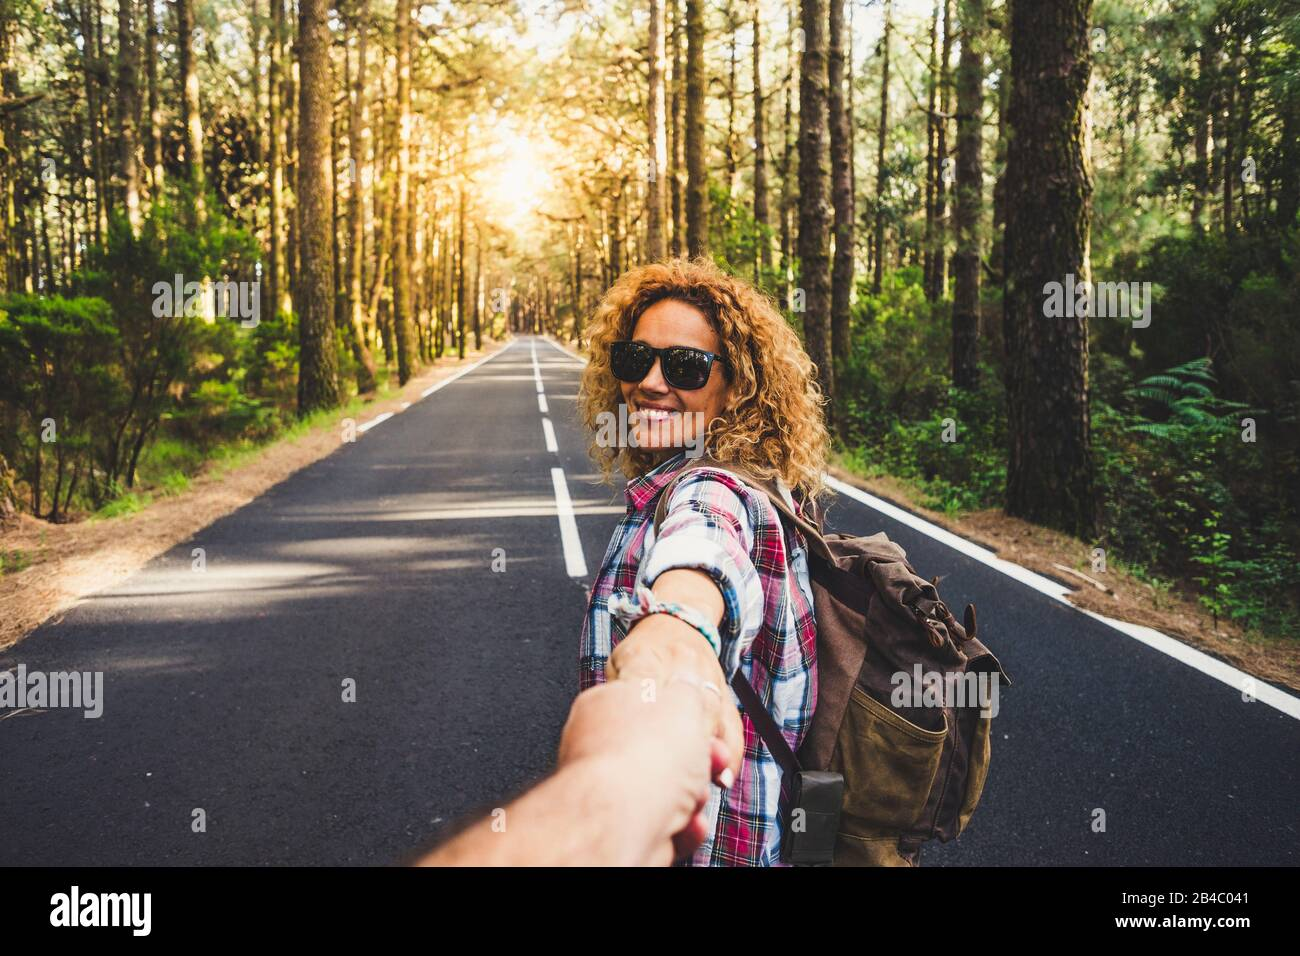 Coppie viaggiatori uomo e donna seguono le mani di tenuta a lungo strada foresta paesaggio e sole sullo sfondo Amore e Viaggi emozioni felici stile di vita concetto. Persone che viaggiano avventure attive vacanze Foto Stock